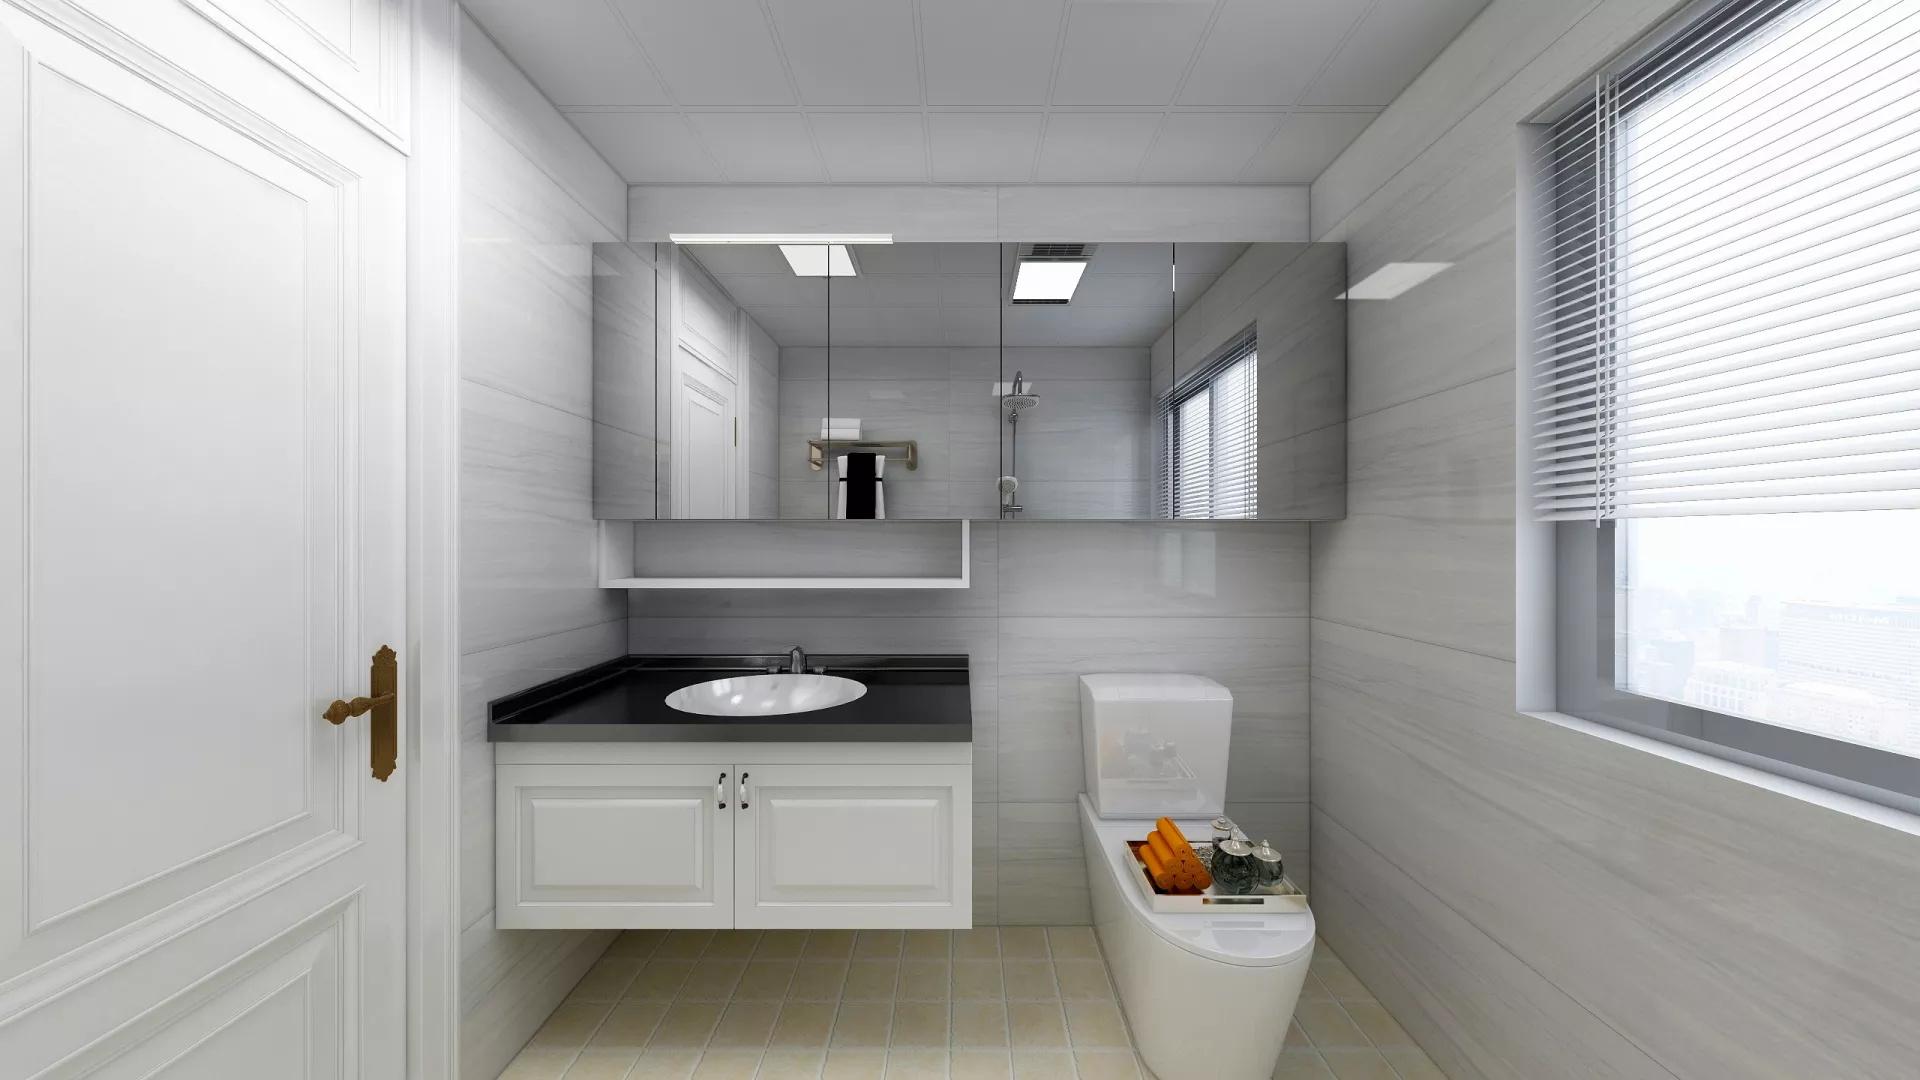 中式温馨简约风格客厅装修效果图